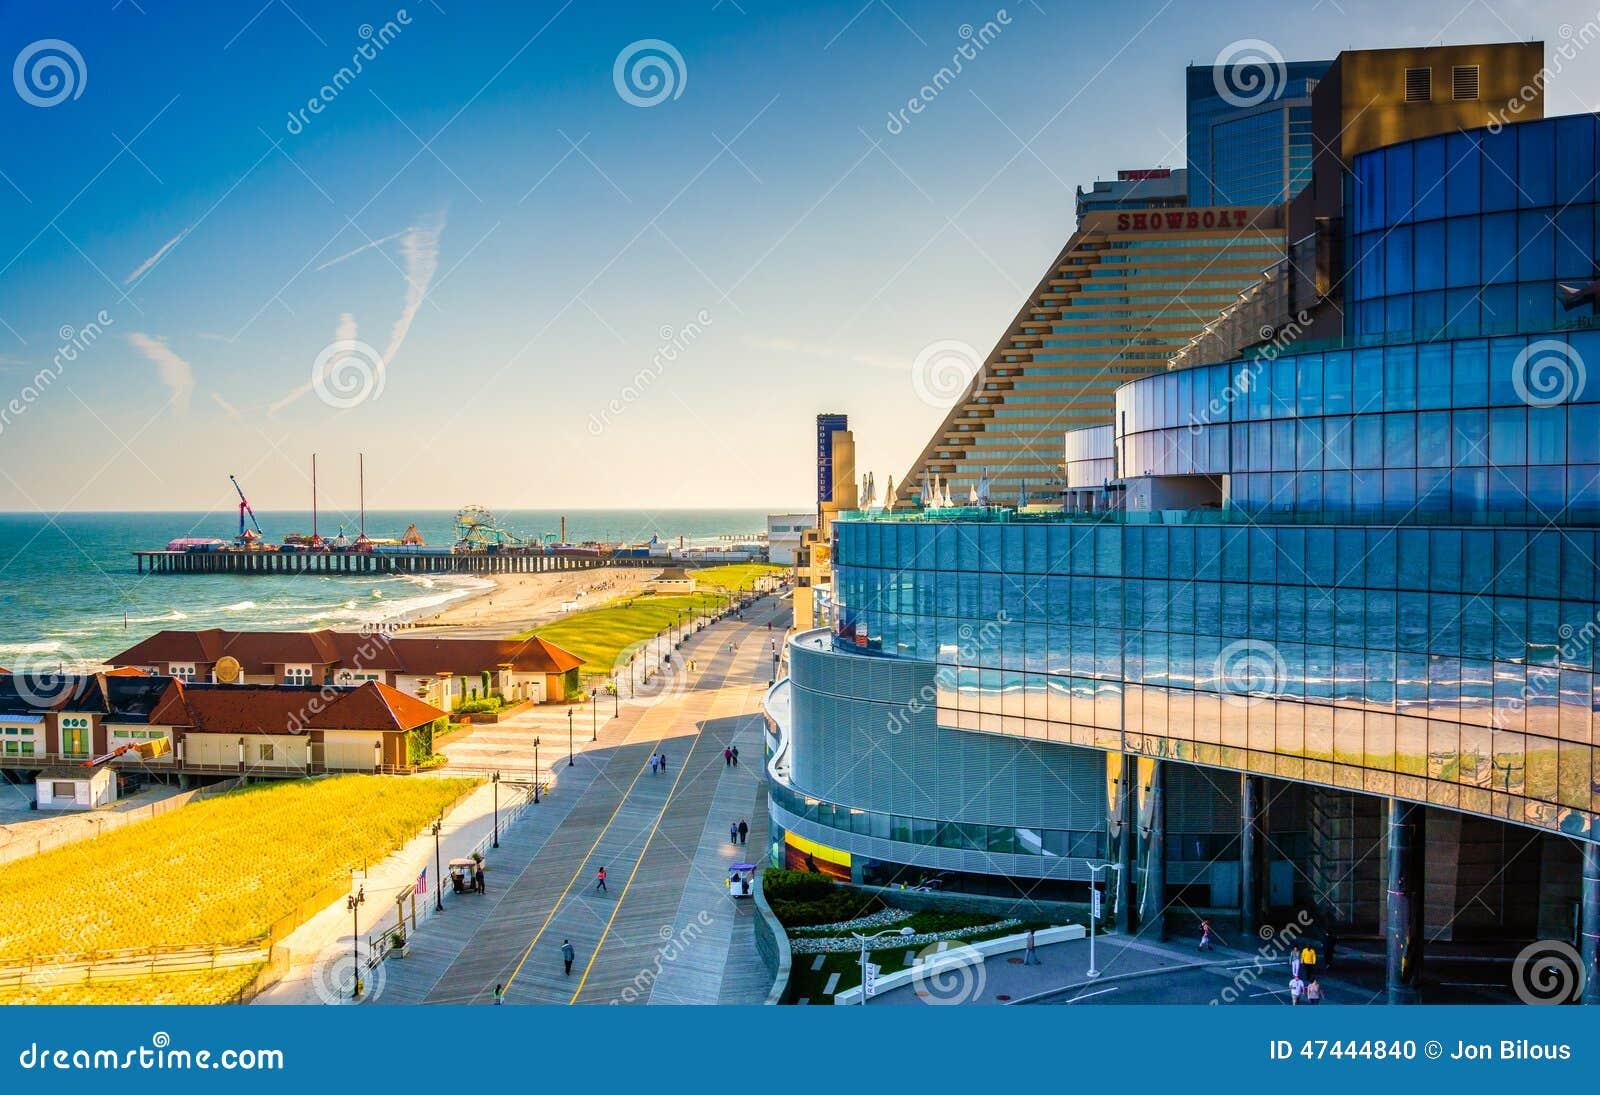 Beira casino mar casino park